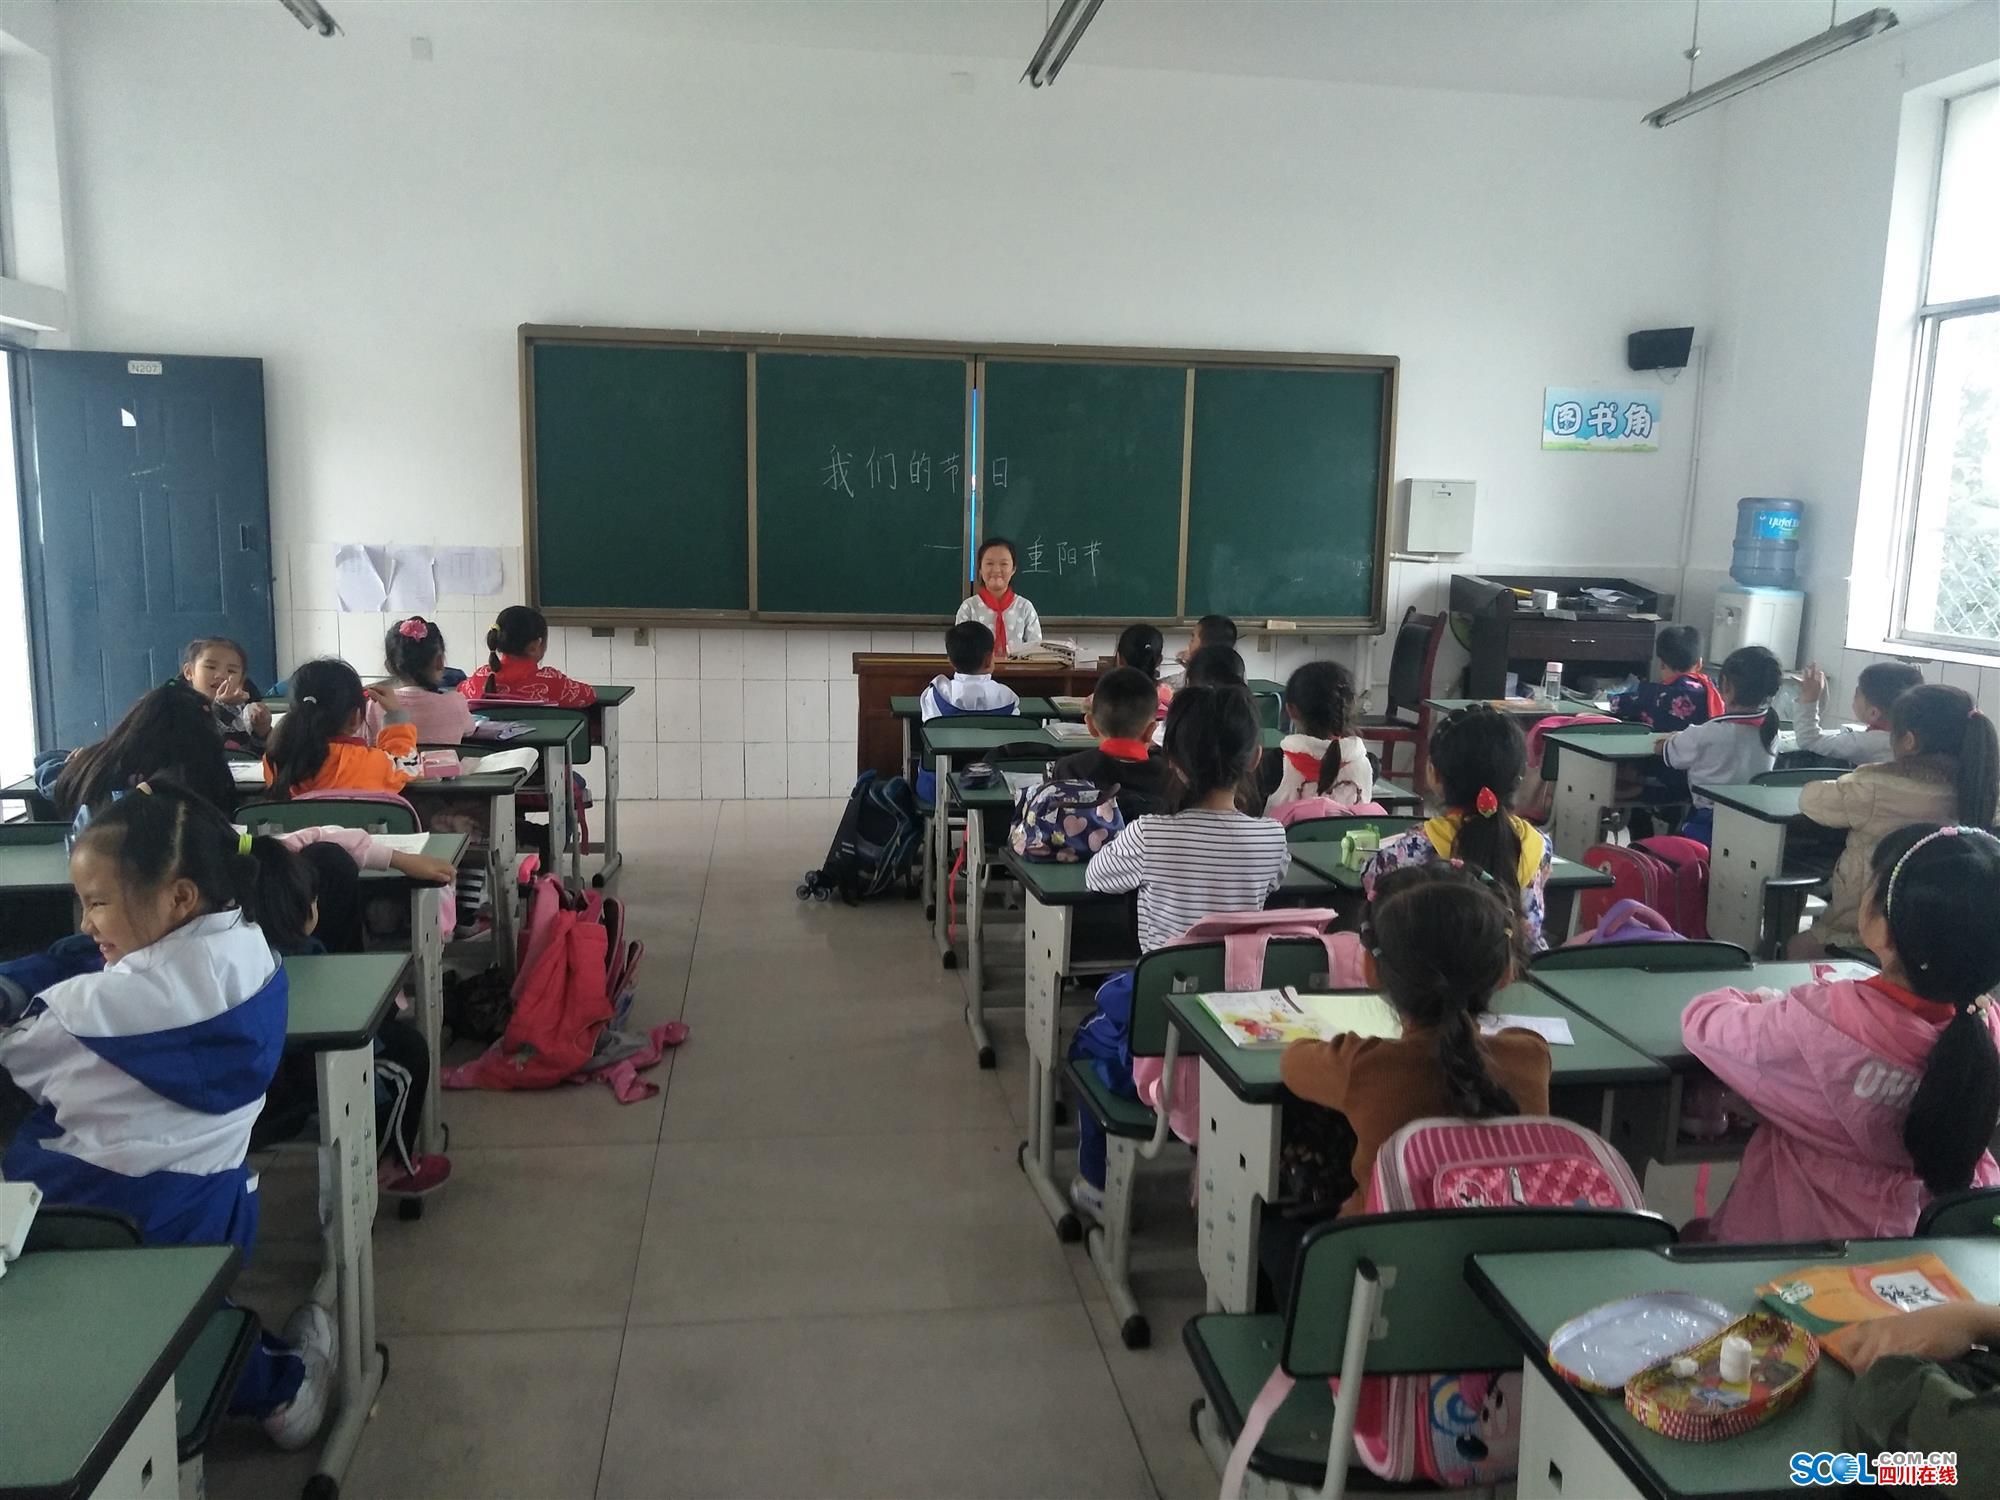 重阳节:扬嘉力恒小学校开展系列活动 带学生感受孝文化